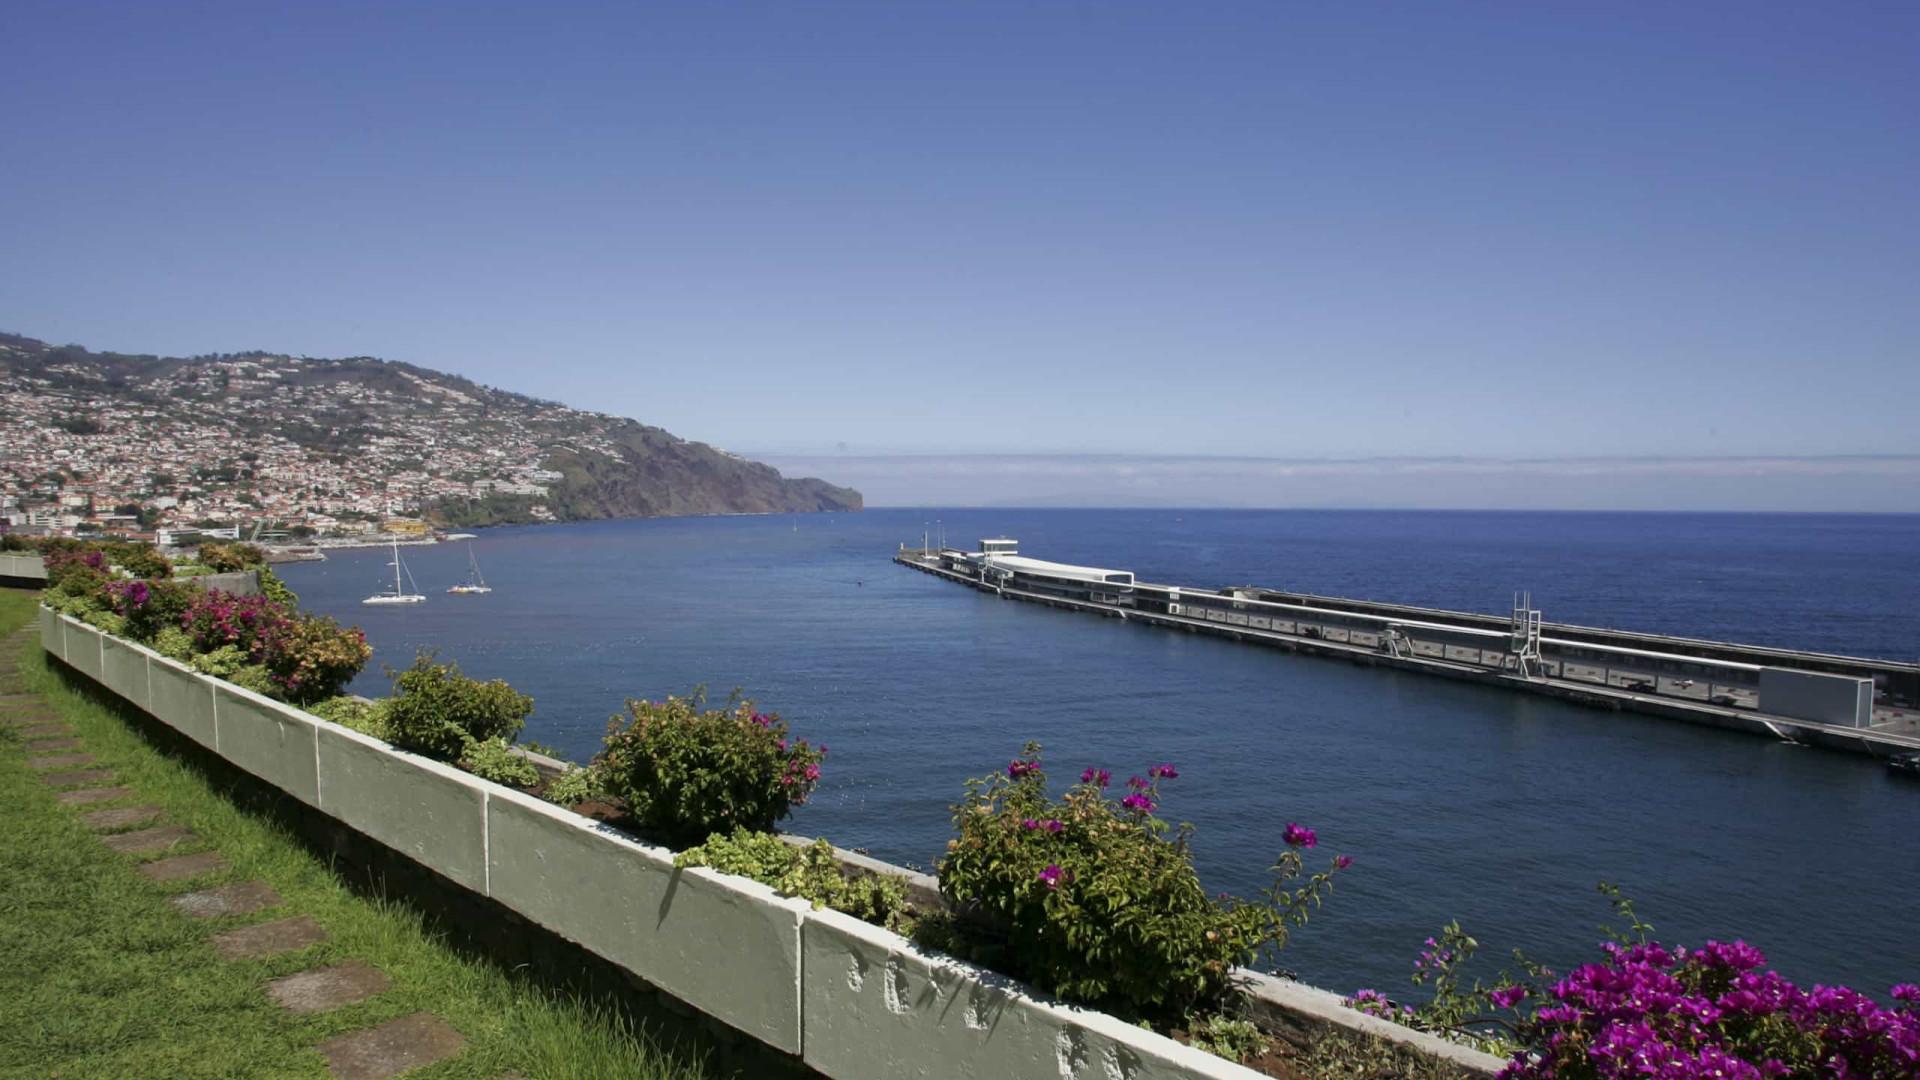 Projecto avalia património arqueológico subaquático do Funchal